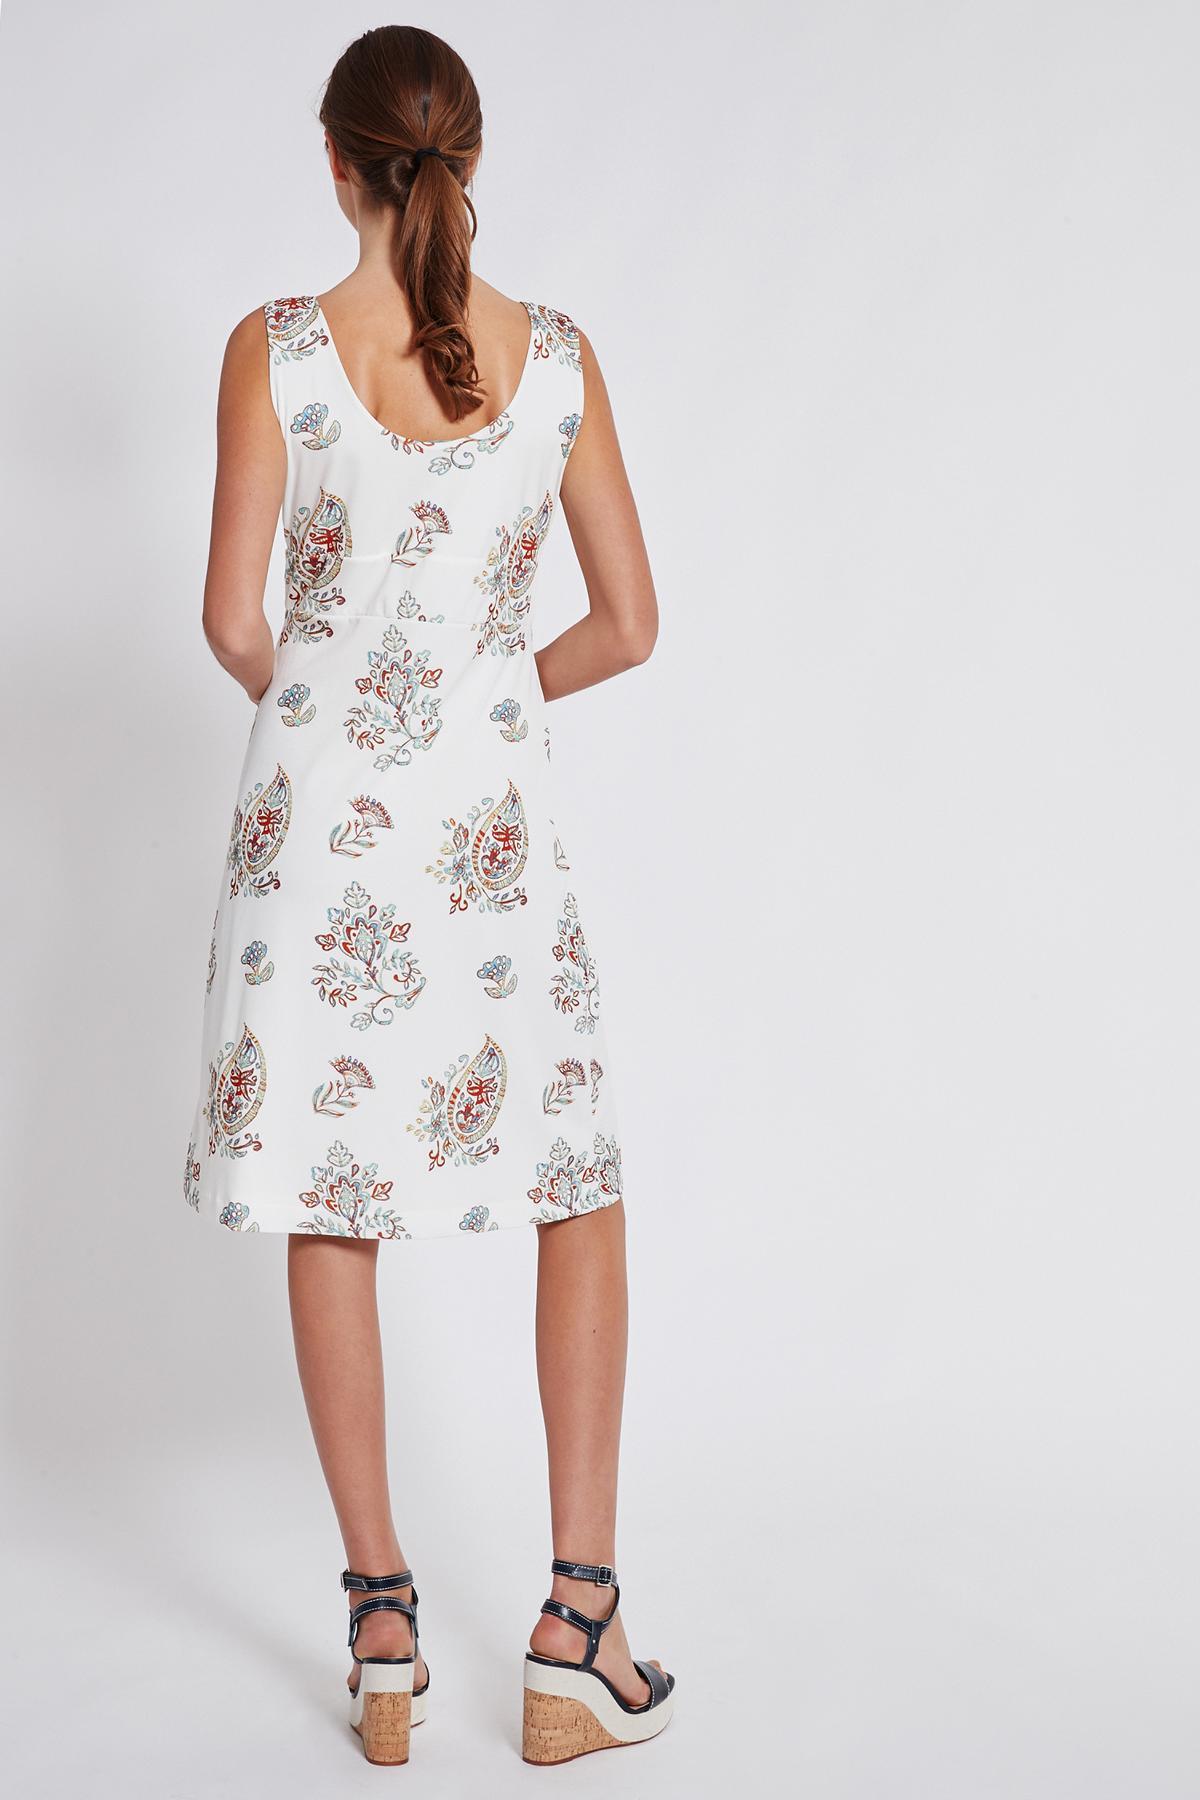 Rückansicht von Ana Alcazar Tailliertes Kleid Tesmy  angezogen an Model